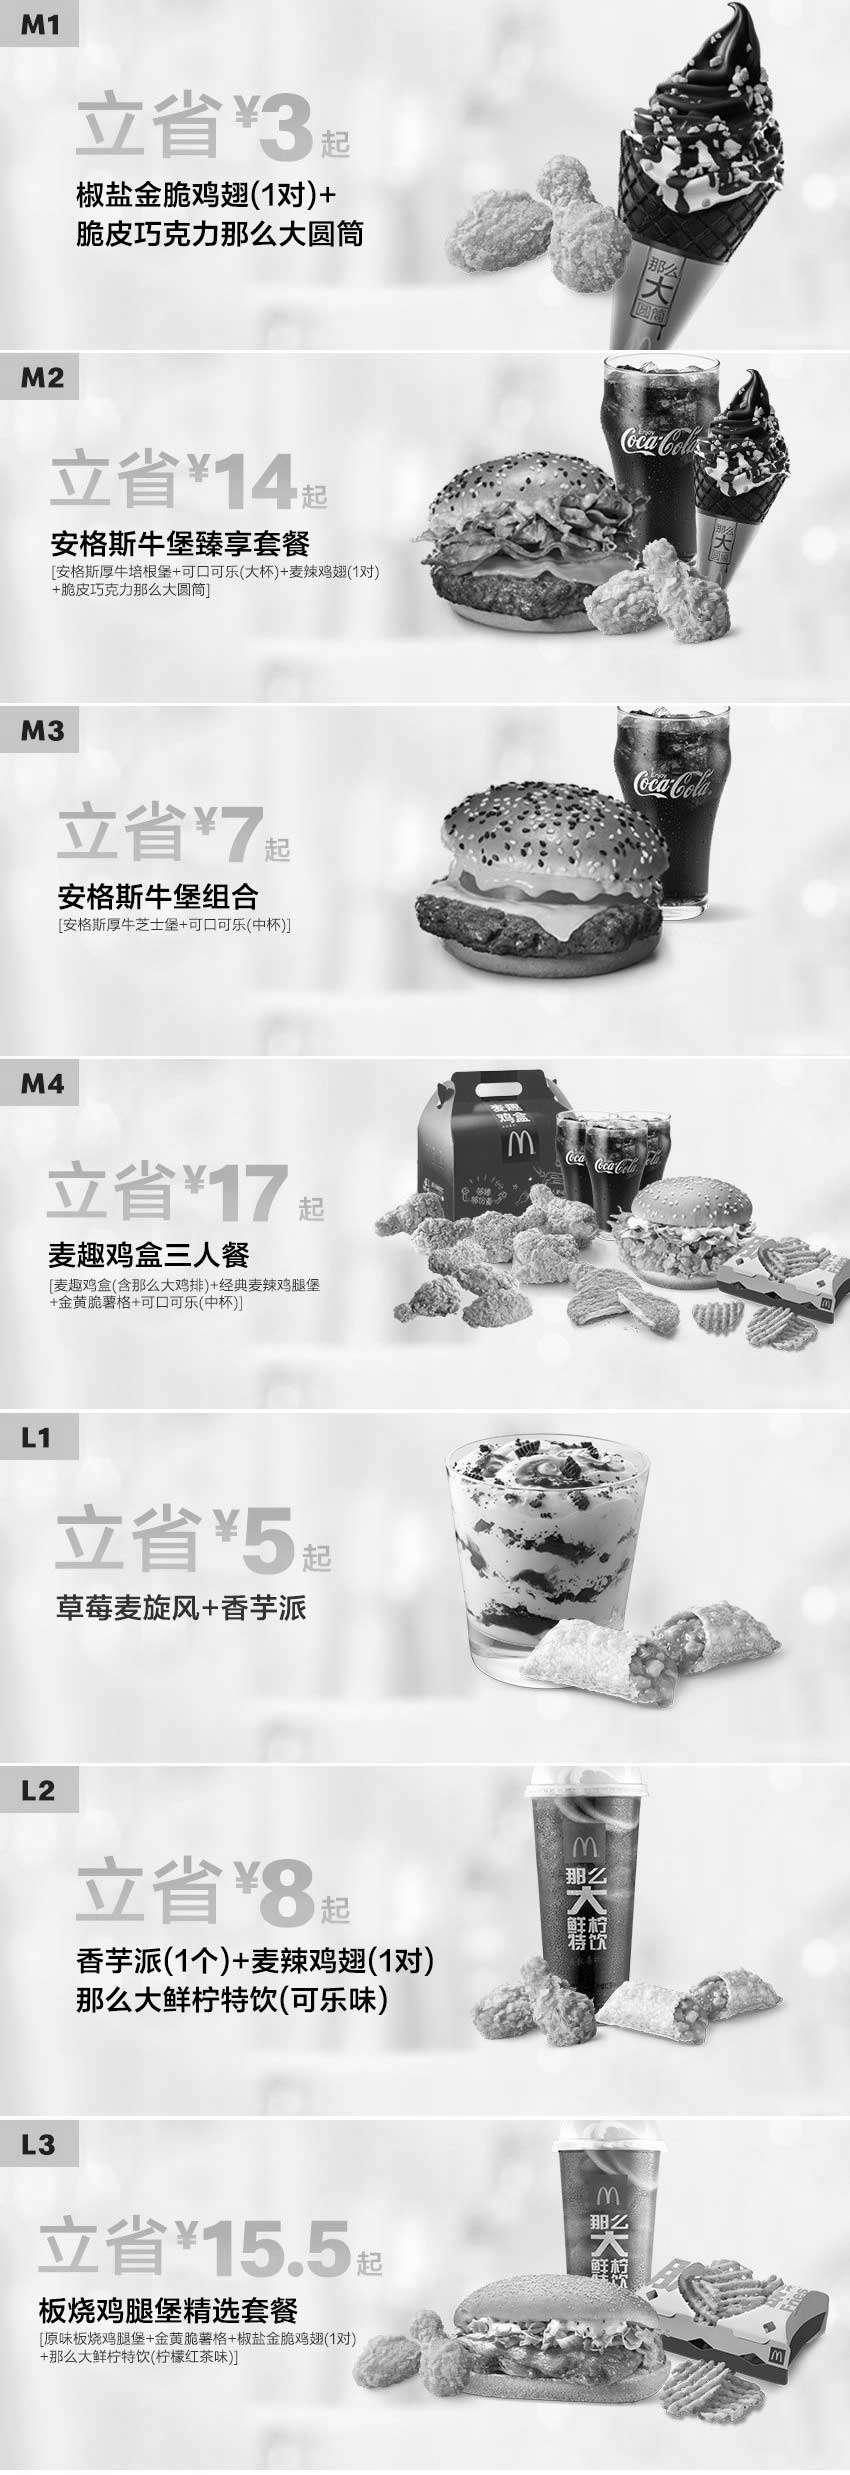 黑白優惠券圖片:麥當勞優惠券2019年4月17日至5月14日整張版本,點餐手機出示或報優惠碼享優惠價 - www.duxcj.com.cn